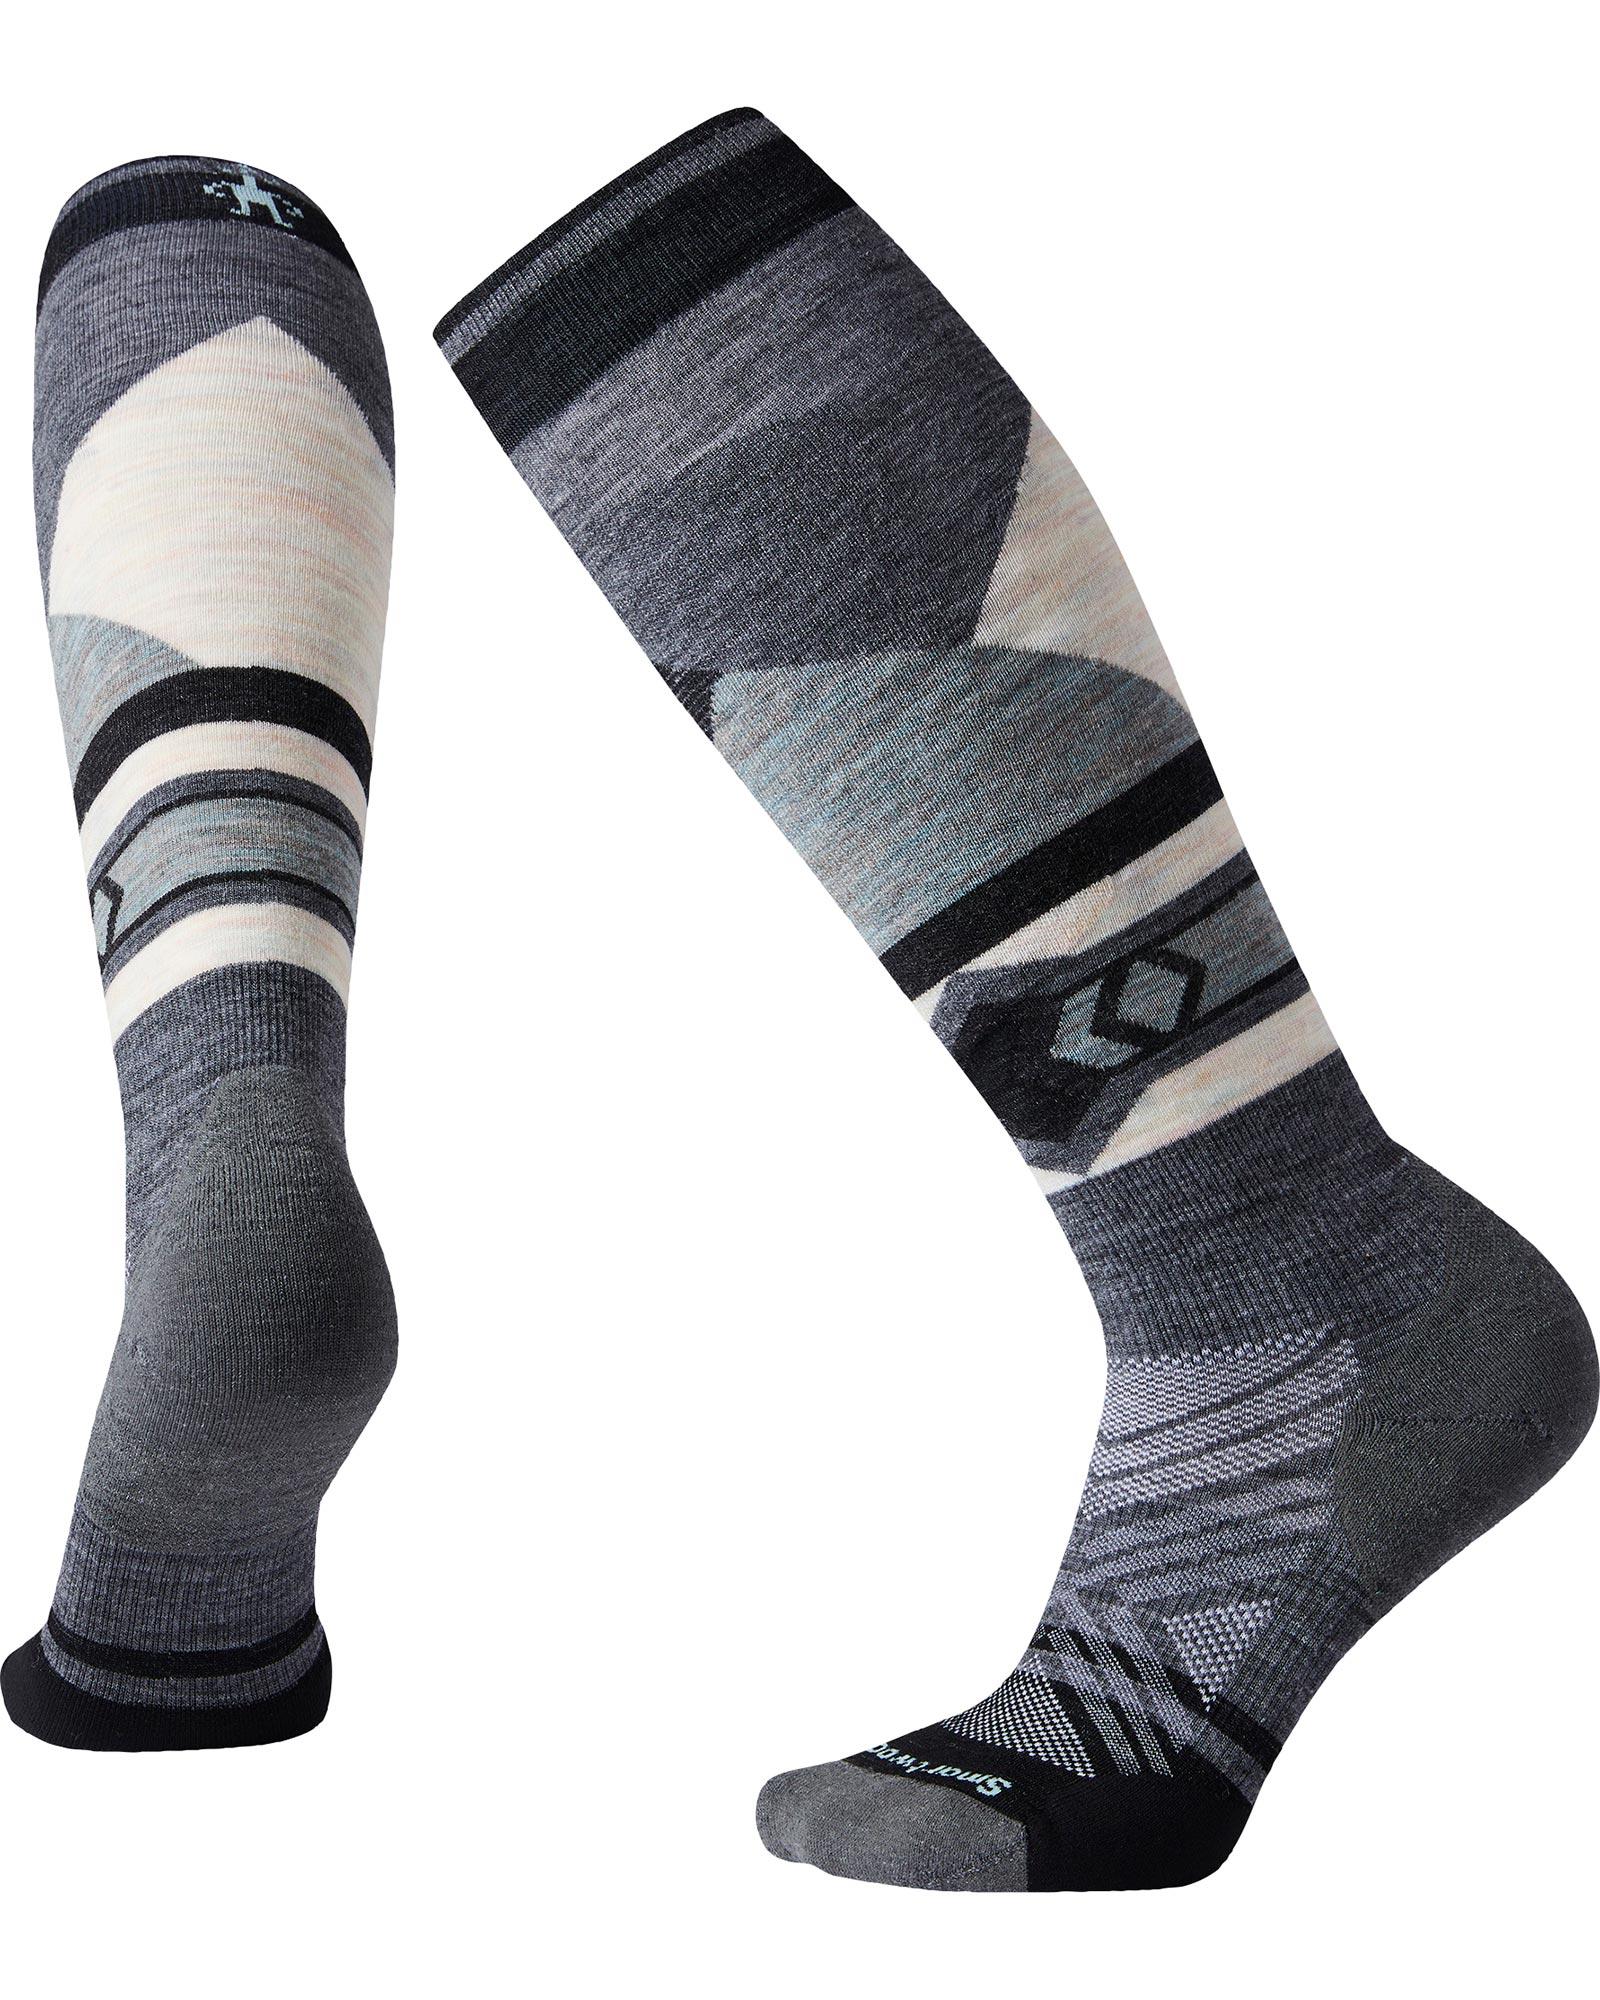 Smartwool Women's PhD Ski Light Elite Socks 0